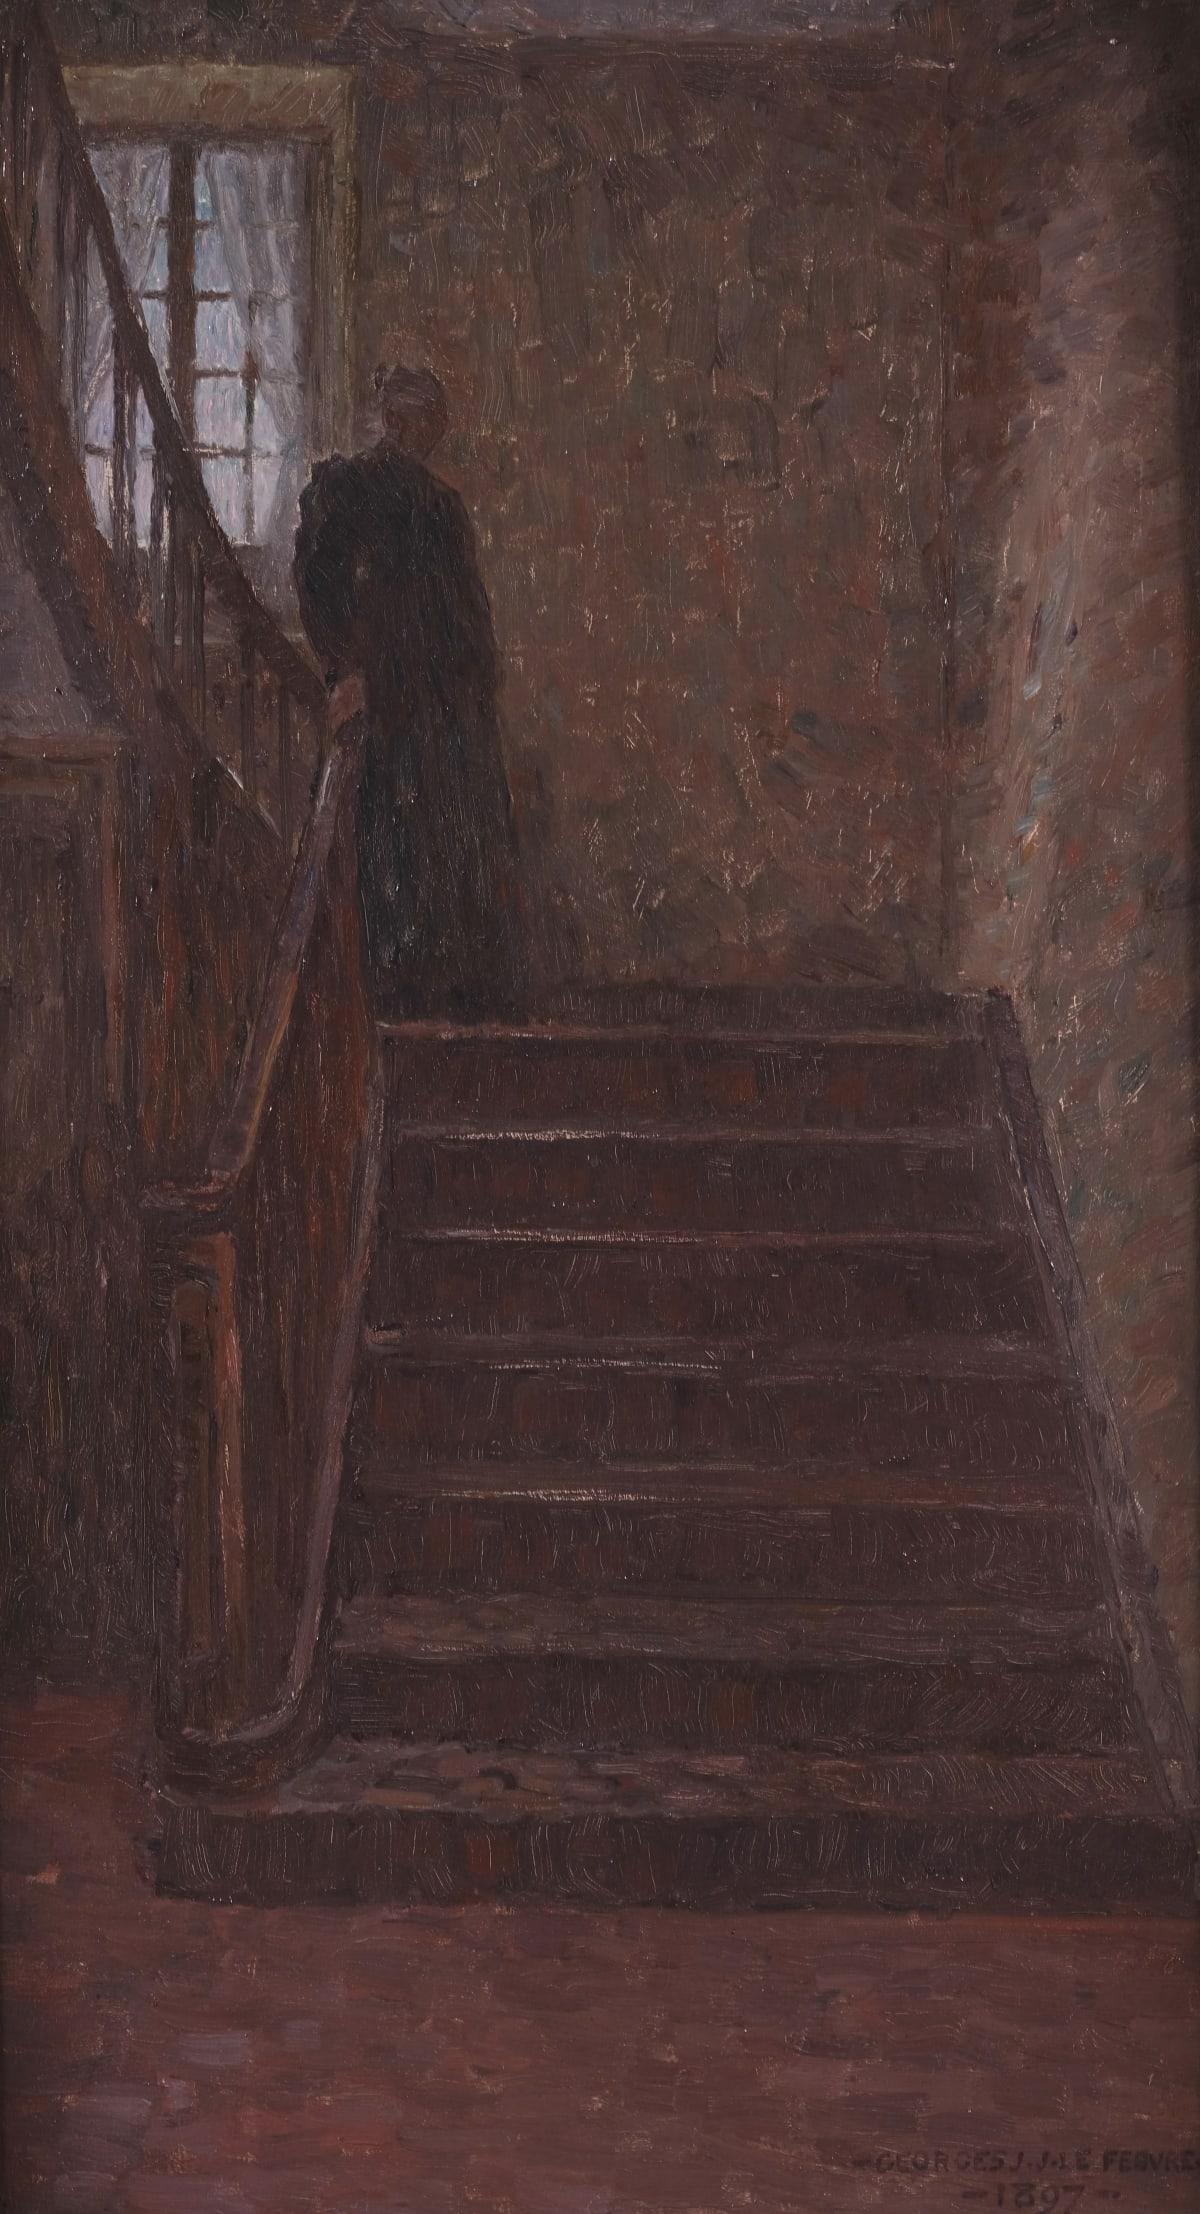 George Le Febvre La mère de l'artiste, 1897 Huile sur toile 61 x 34 cm Signé et daté en bas à droite